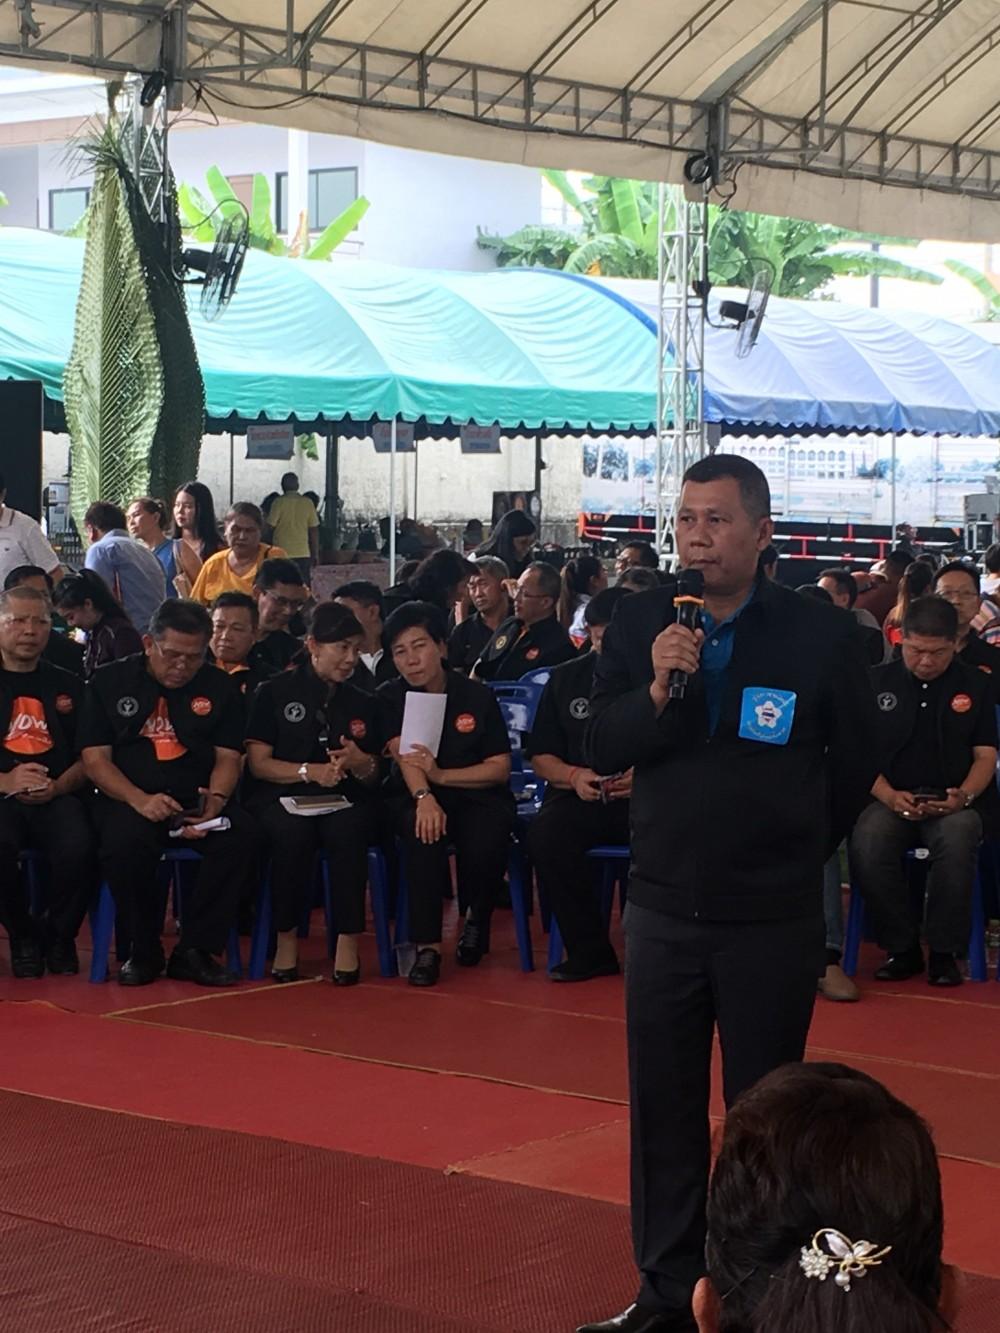 4 เคารพ : 2 รับผิดชอบ แนวทางสร้างพลเมืองที่ดีในวิถีประชาธิปไตย กับโครงการไทยนิยมยั่งยืนครั้งที่ 19